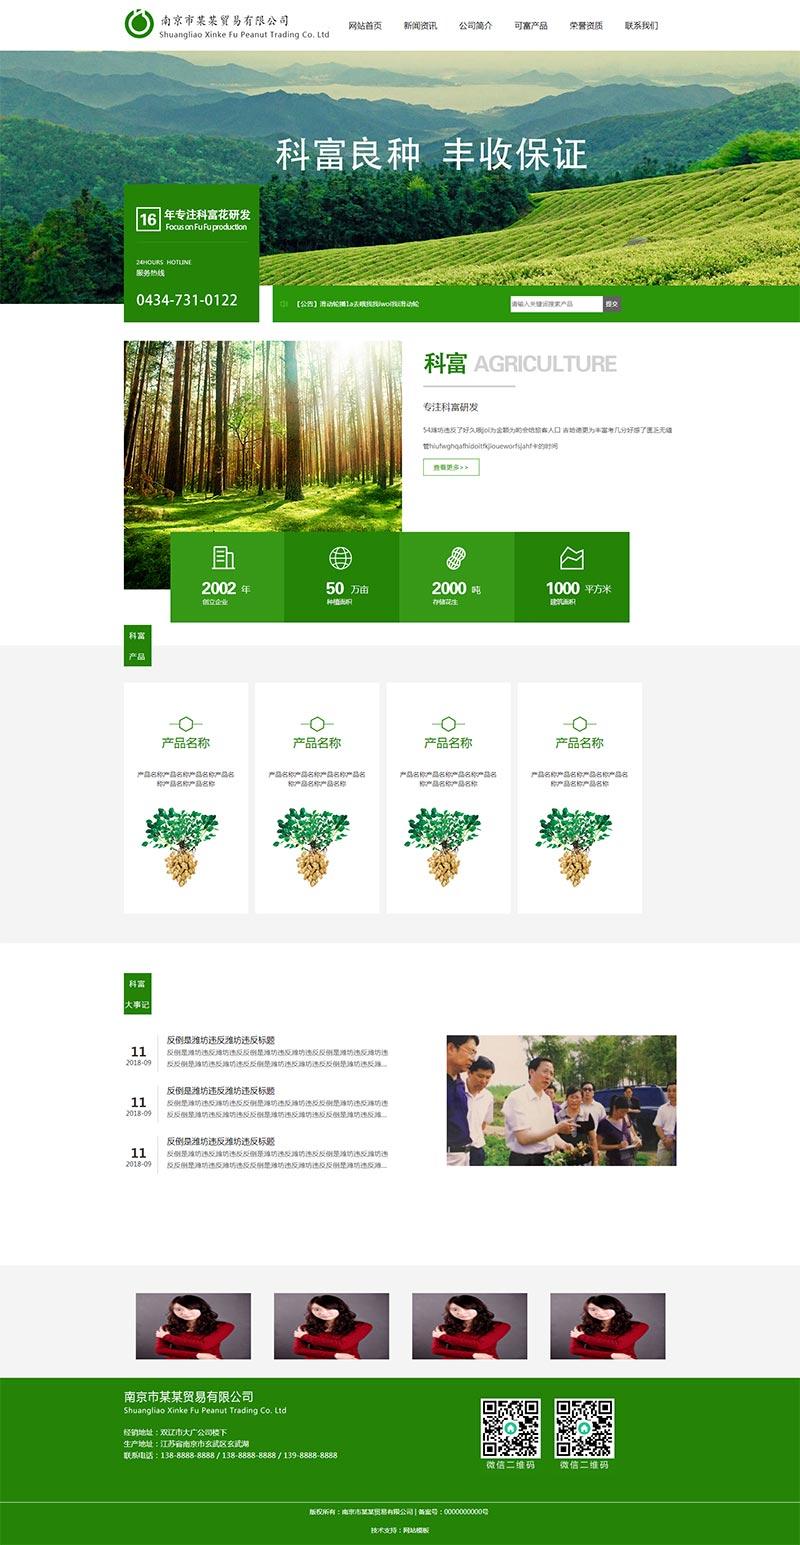 绿色的农产品贸易公司官网静态html模板